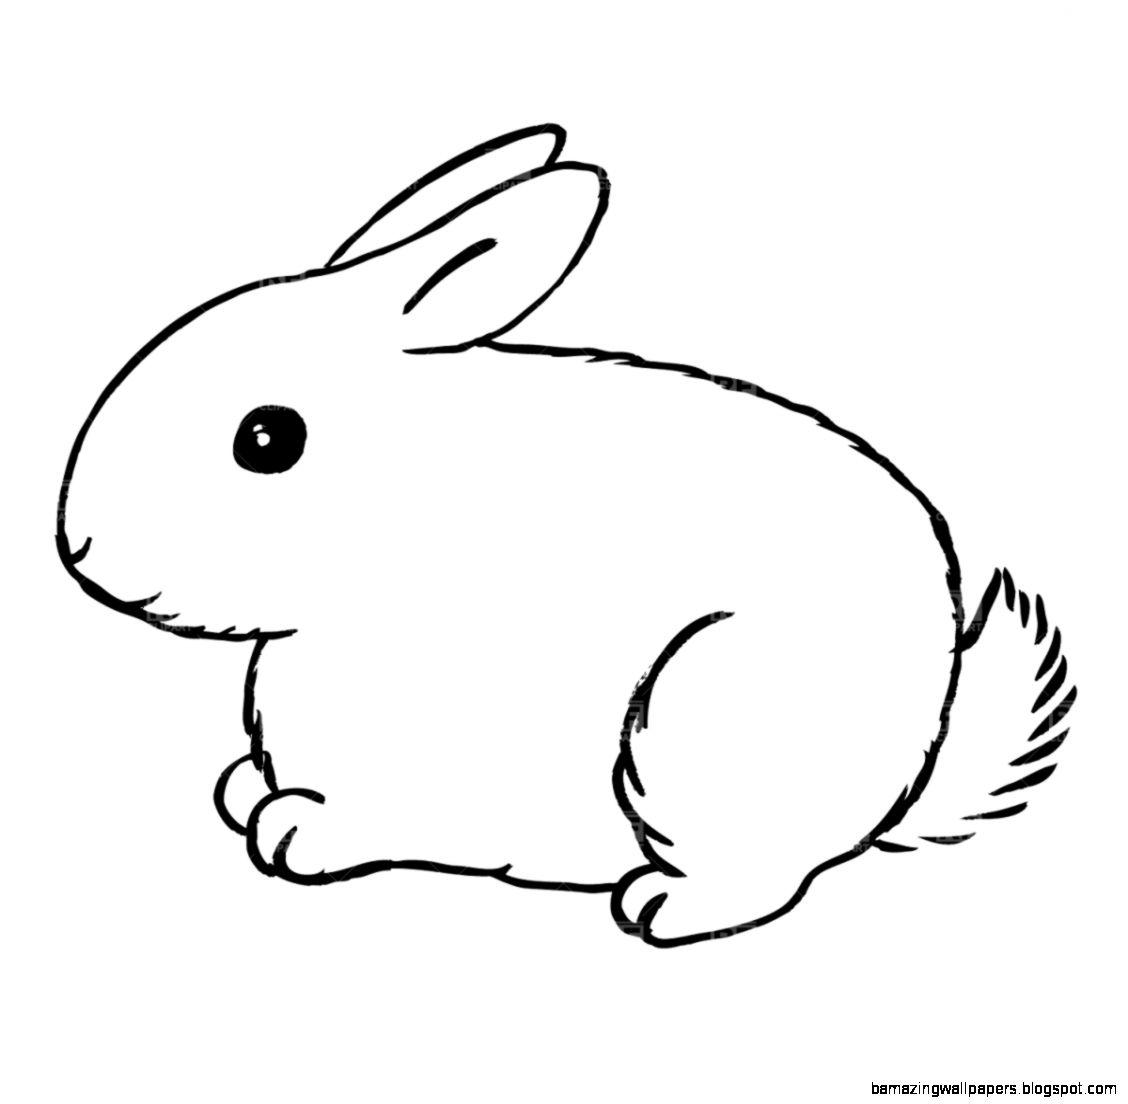 Rabbit Clip Art | Amazing Wallpapers (1128 x 1104 Pixel)